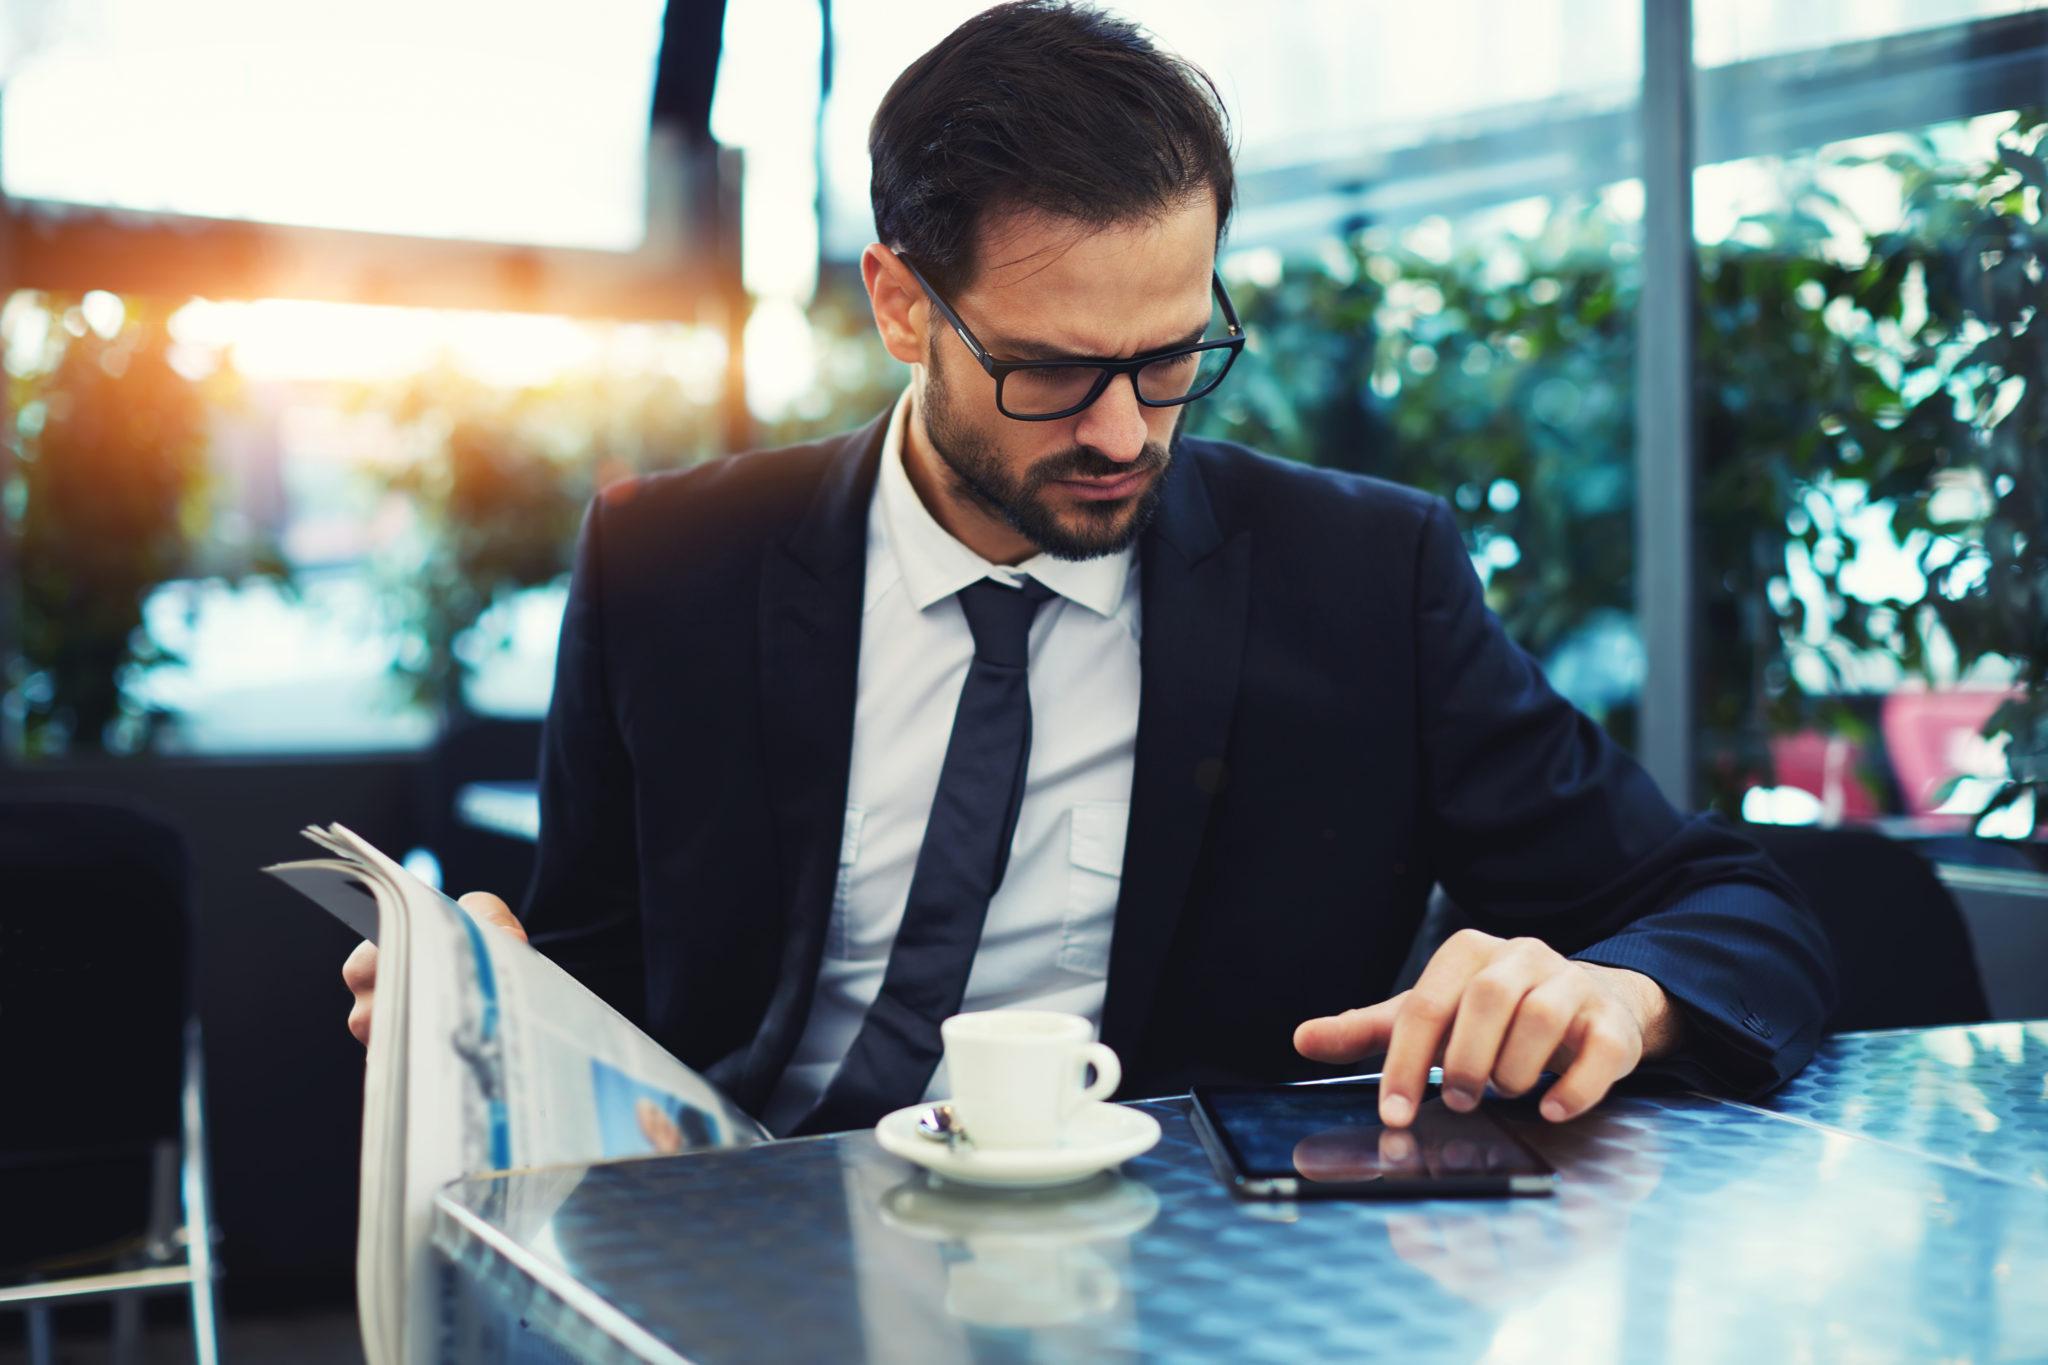 Seven Work-Life Balance Tips for Executives